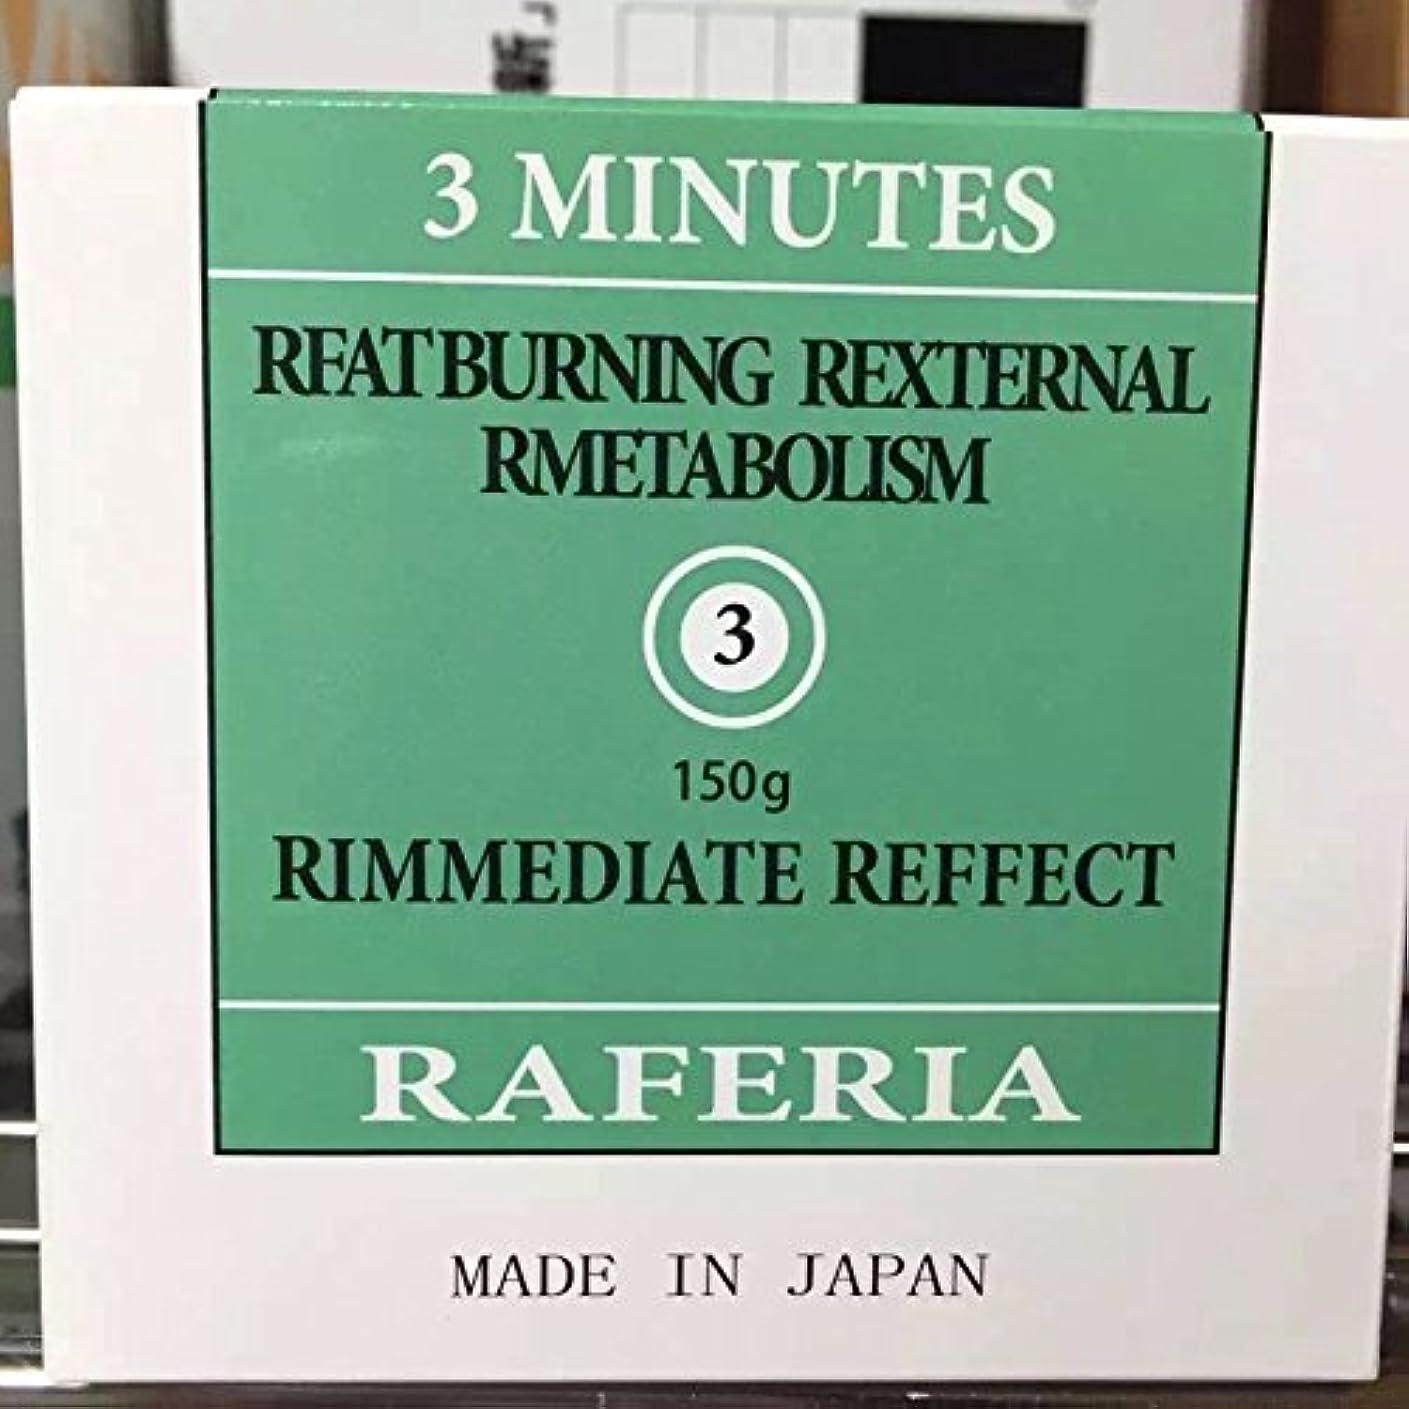 女性ペイント解決RAFERIA 3MINUTES 銀座ビューティジェル ボディクリーム